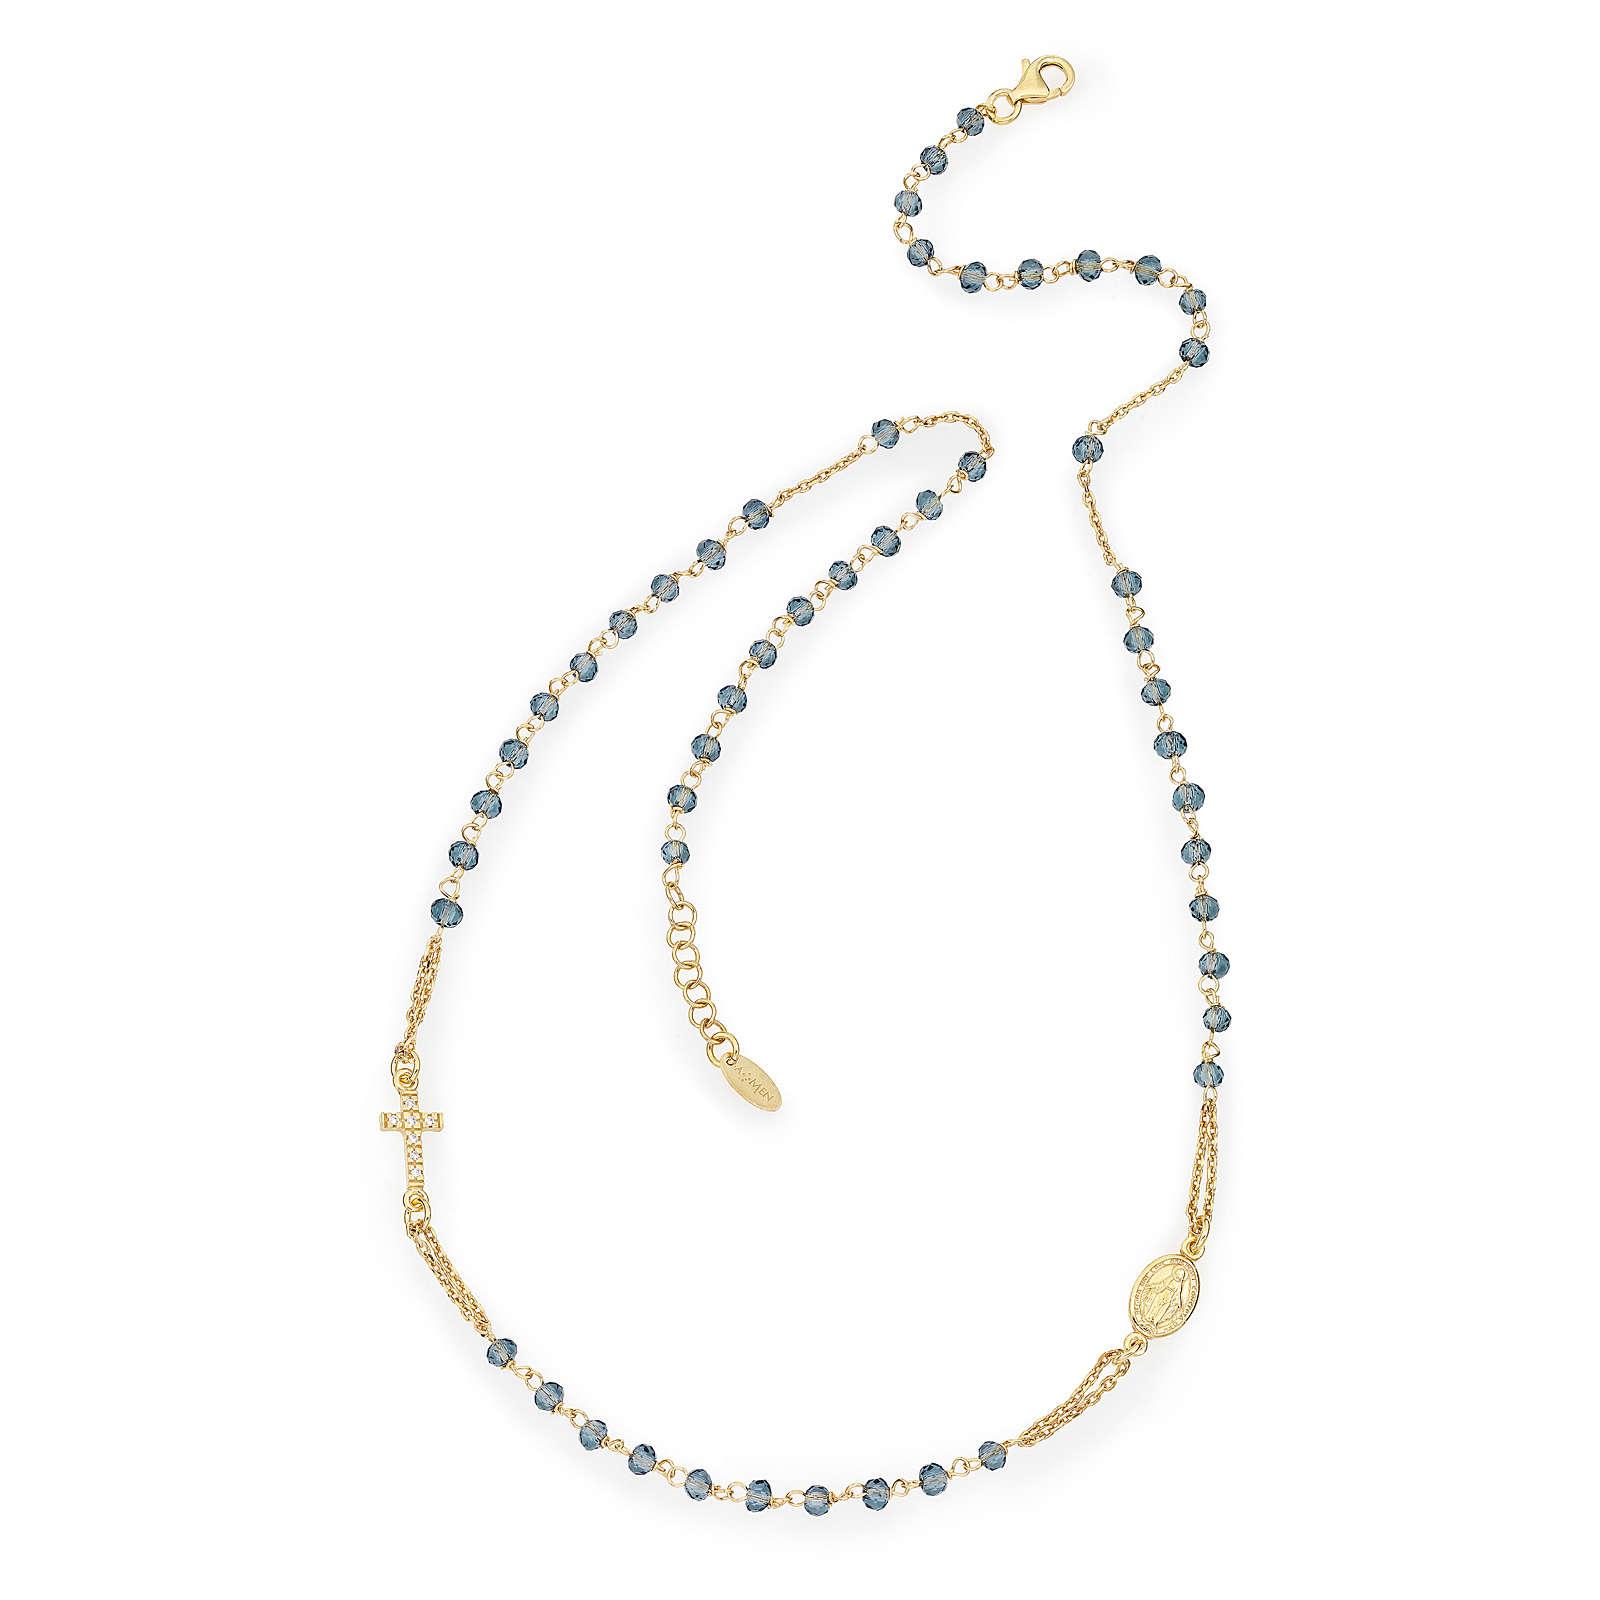 Collier chapelet tour du cou AMEN pavé cristaux bleus arg 925 rosé 4